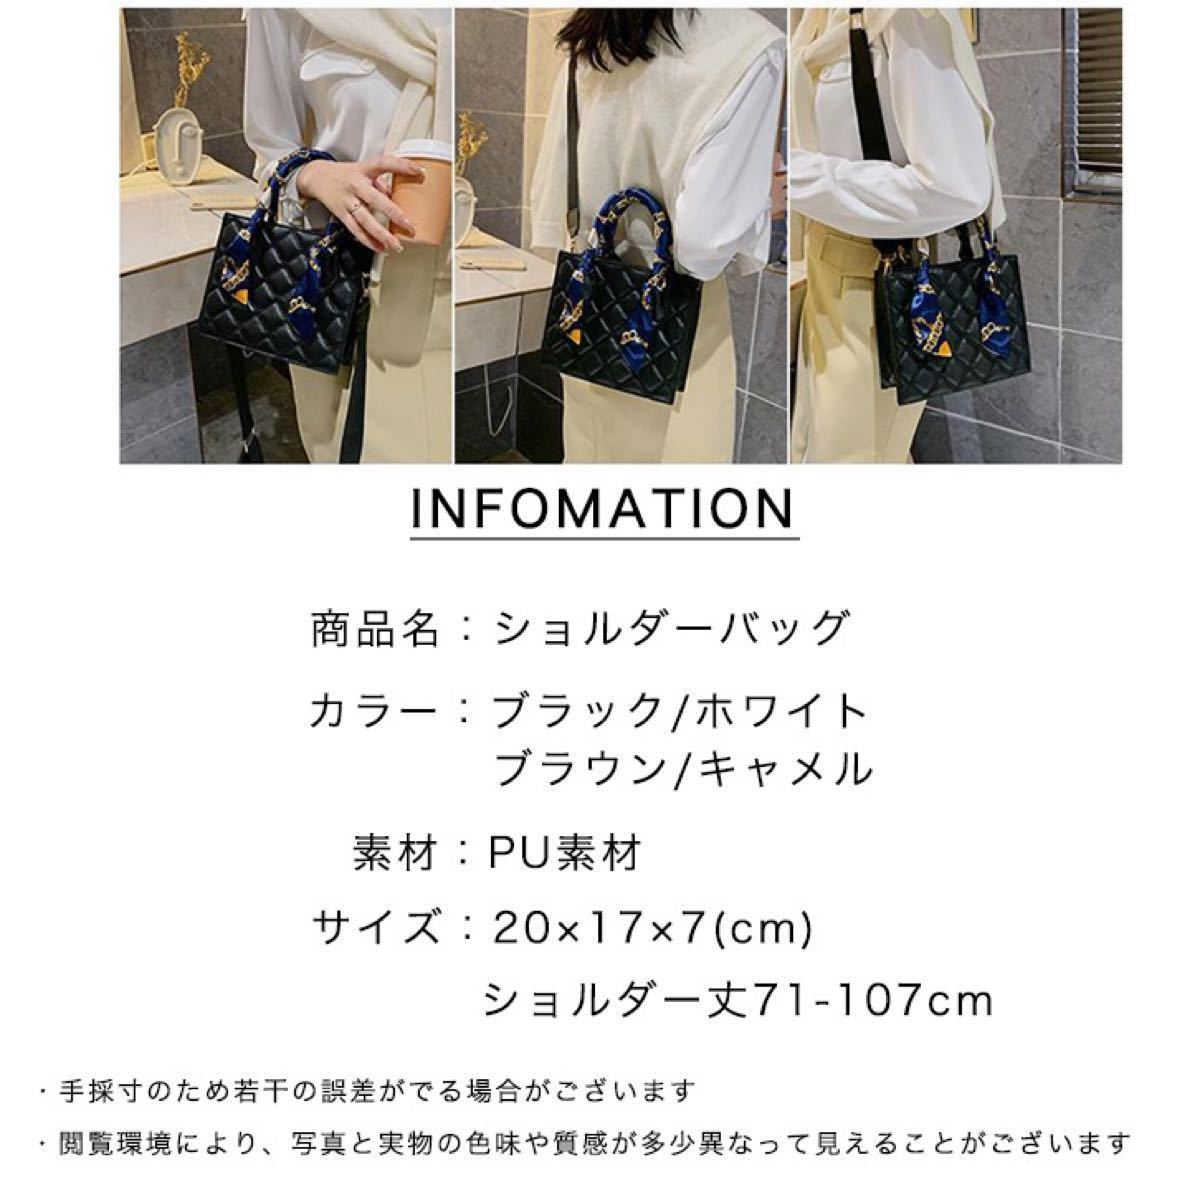 バッグ レディース レディースバッグ ハンドバッグ ショルダーバッグ トートバッグ 2way 韓国 おしゃれ 人気 スカーフ